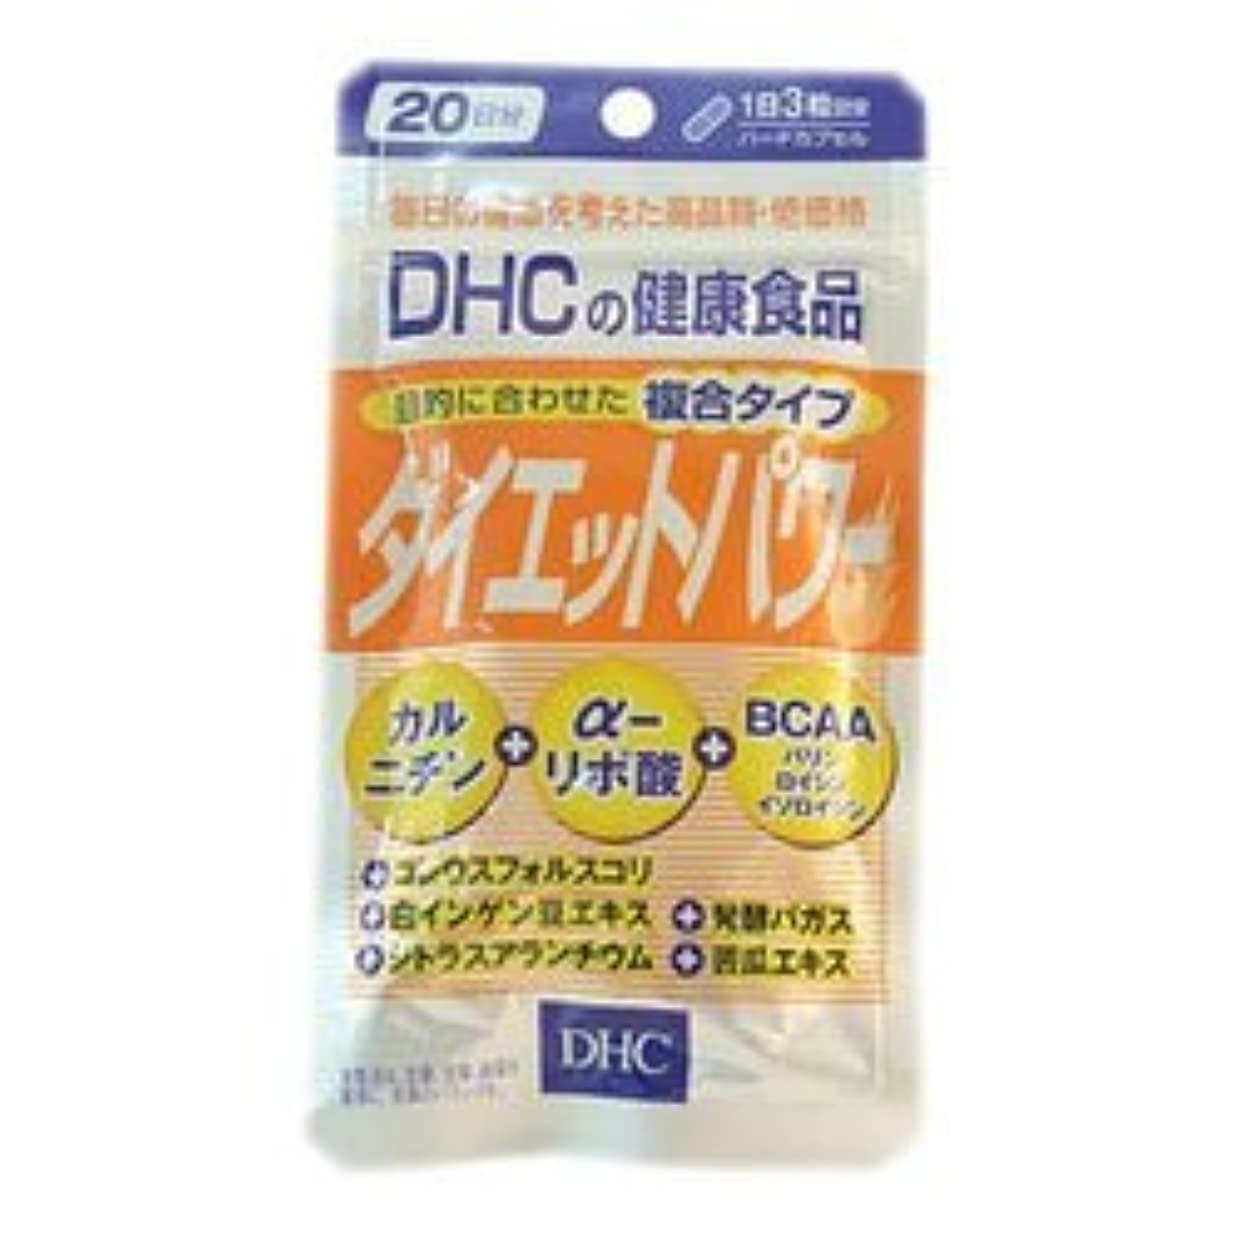 デンプシー累積ゲート【DHC】ダイエットパワー 20日分 (60粒) ×20個セット